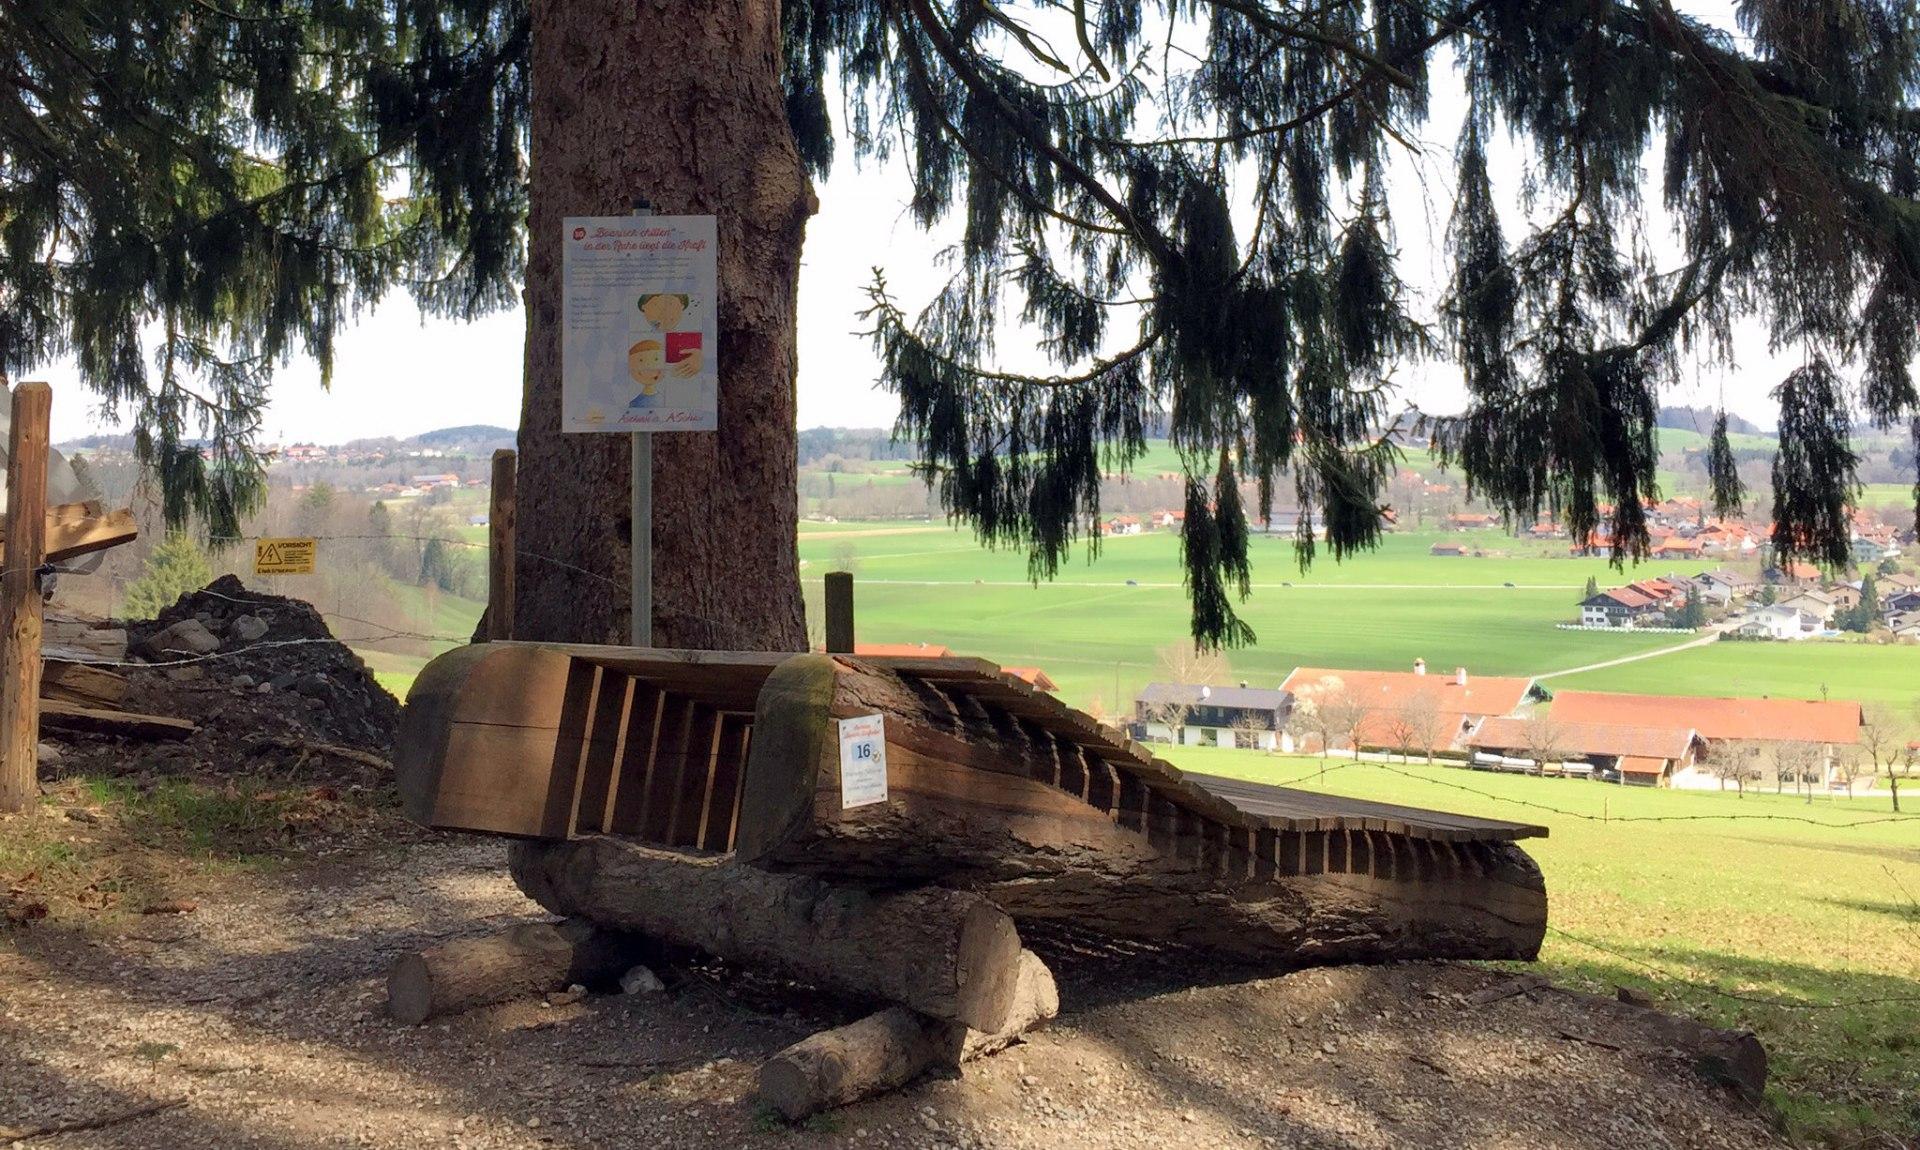 16_Boarische Chill-Liege gestiftet von der Priener Praxisklasse, © Tourist Info Aschau i.Ch.